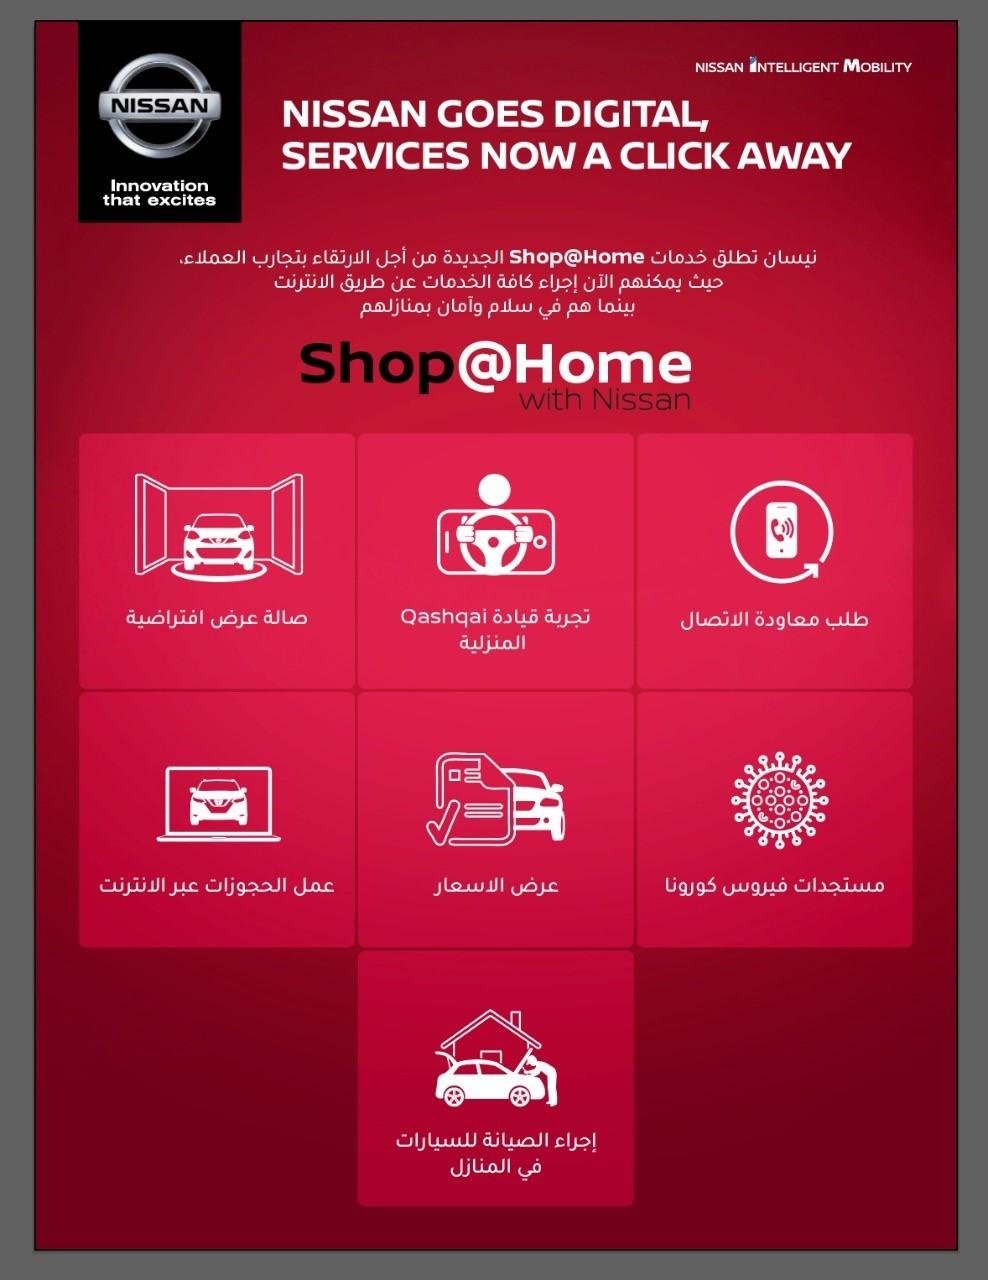 «نيسان» تطلق خدمات «Shop@Home » الجديدة للتسوق من عبر الانترنت